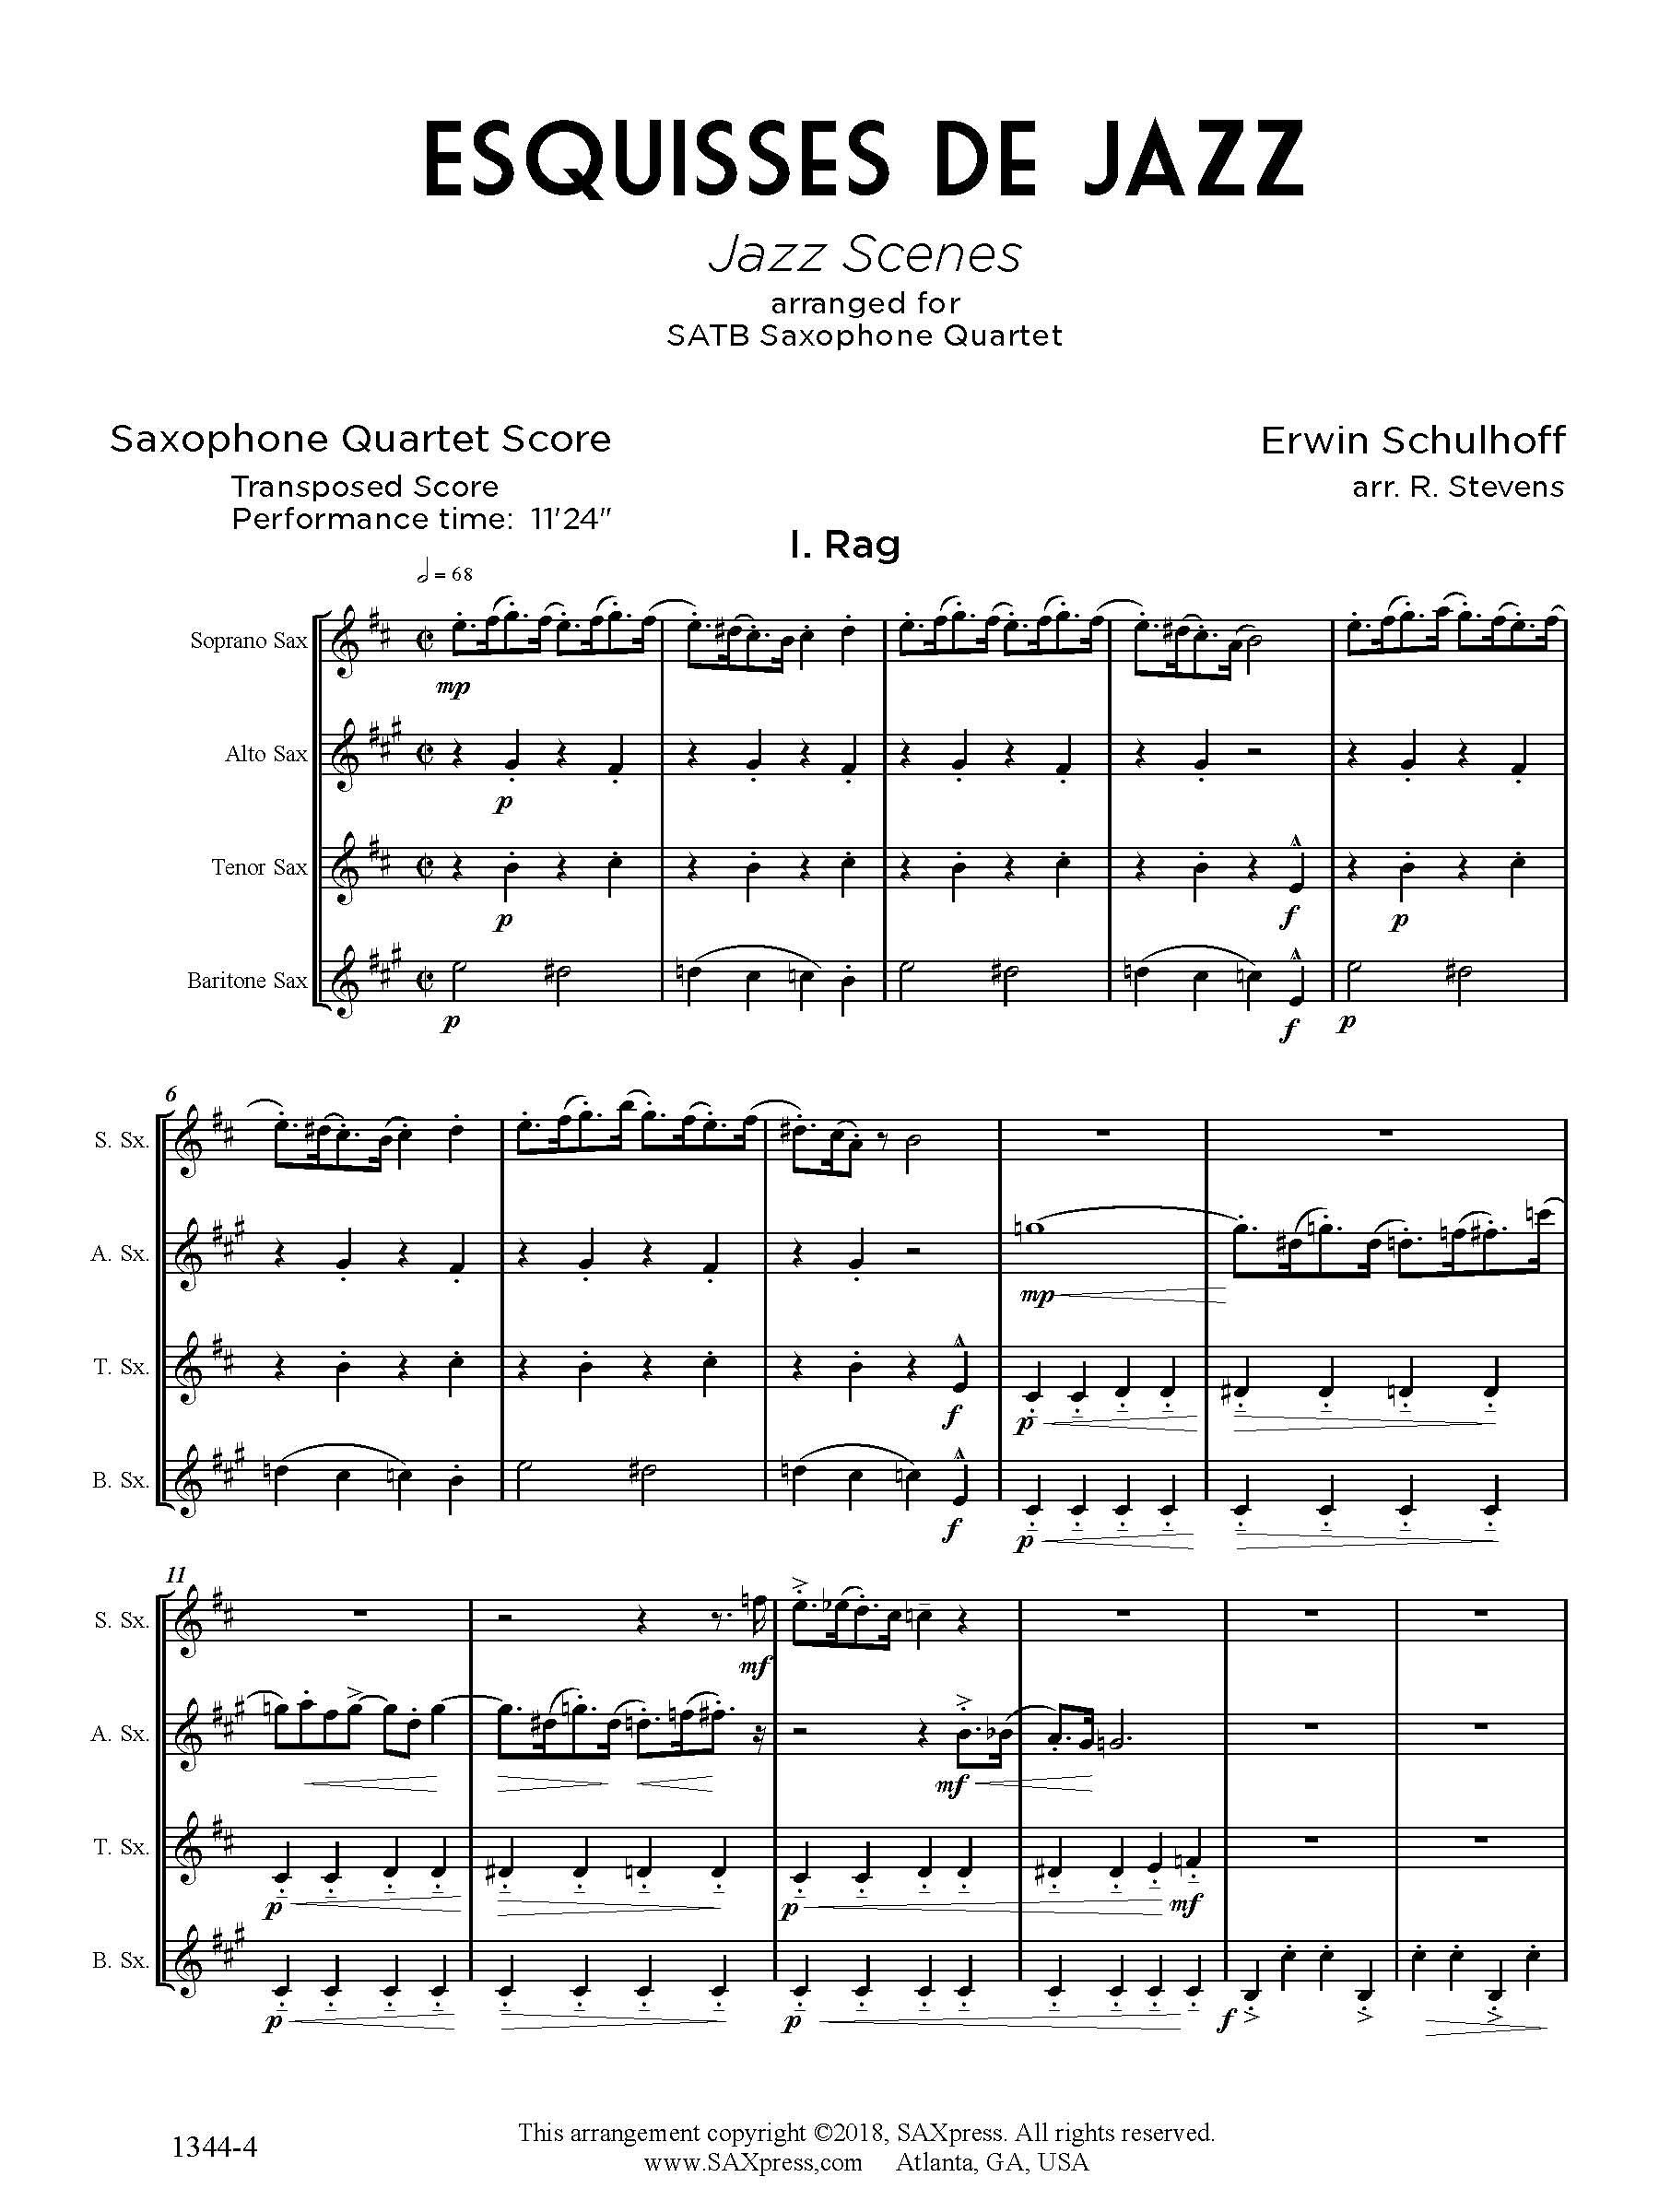 Esquisses de Jazz, by Erwin Schulhoff arranged for SATB sax quartet